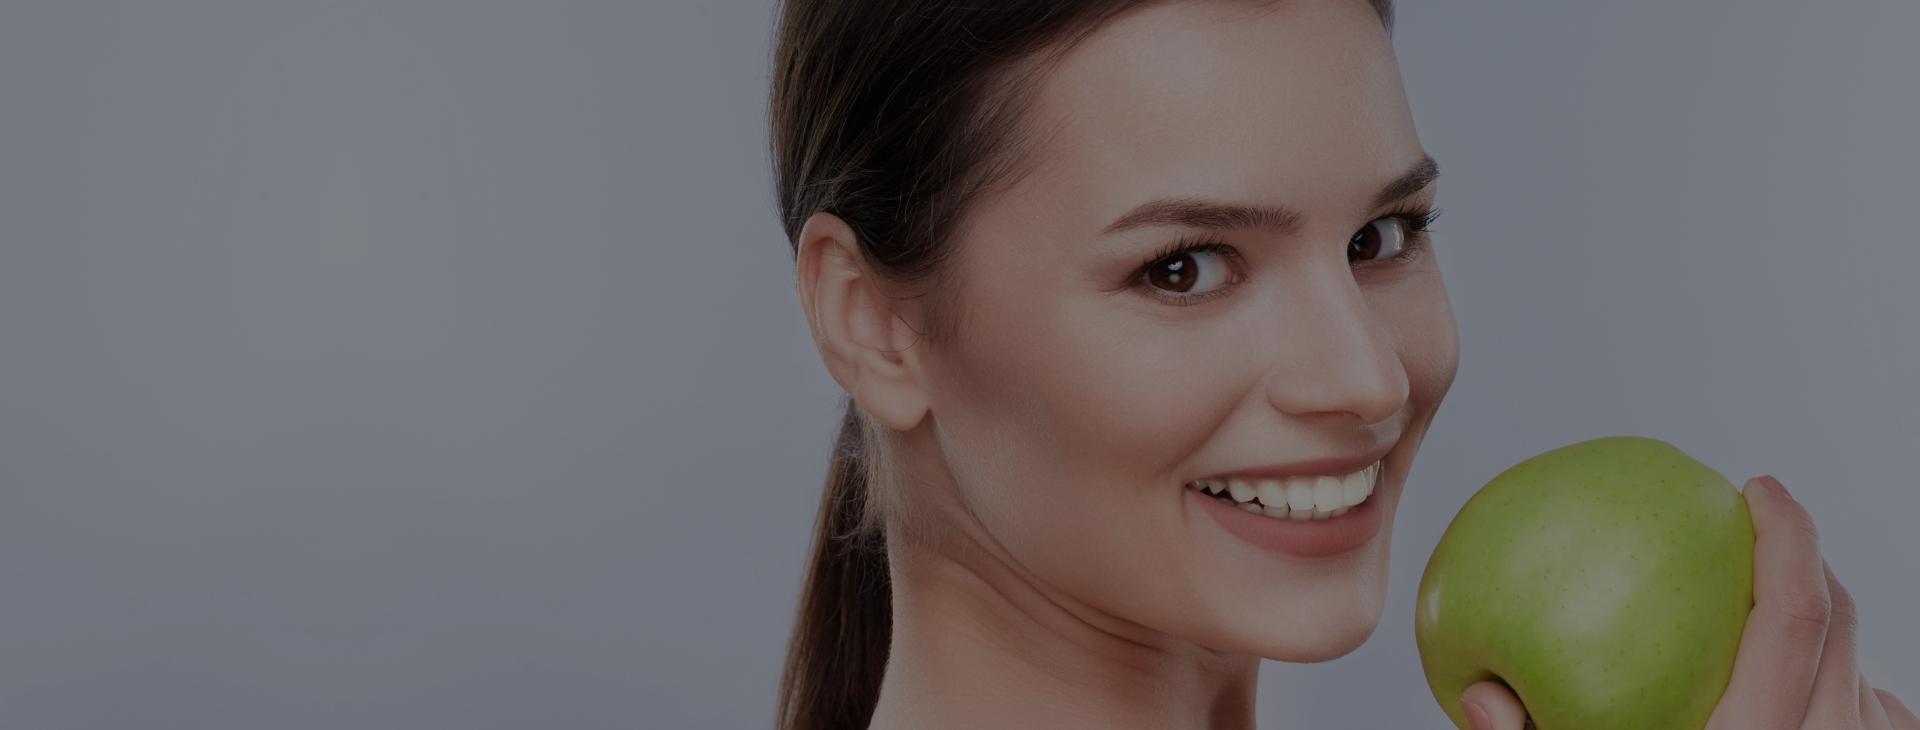 Si l'apparence de vos dents ne vous satisfait pas entièrement, n'hésitez pas à nous contacter.